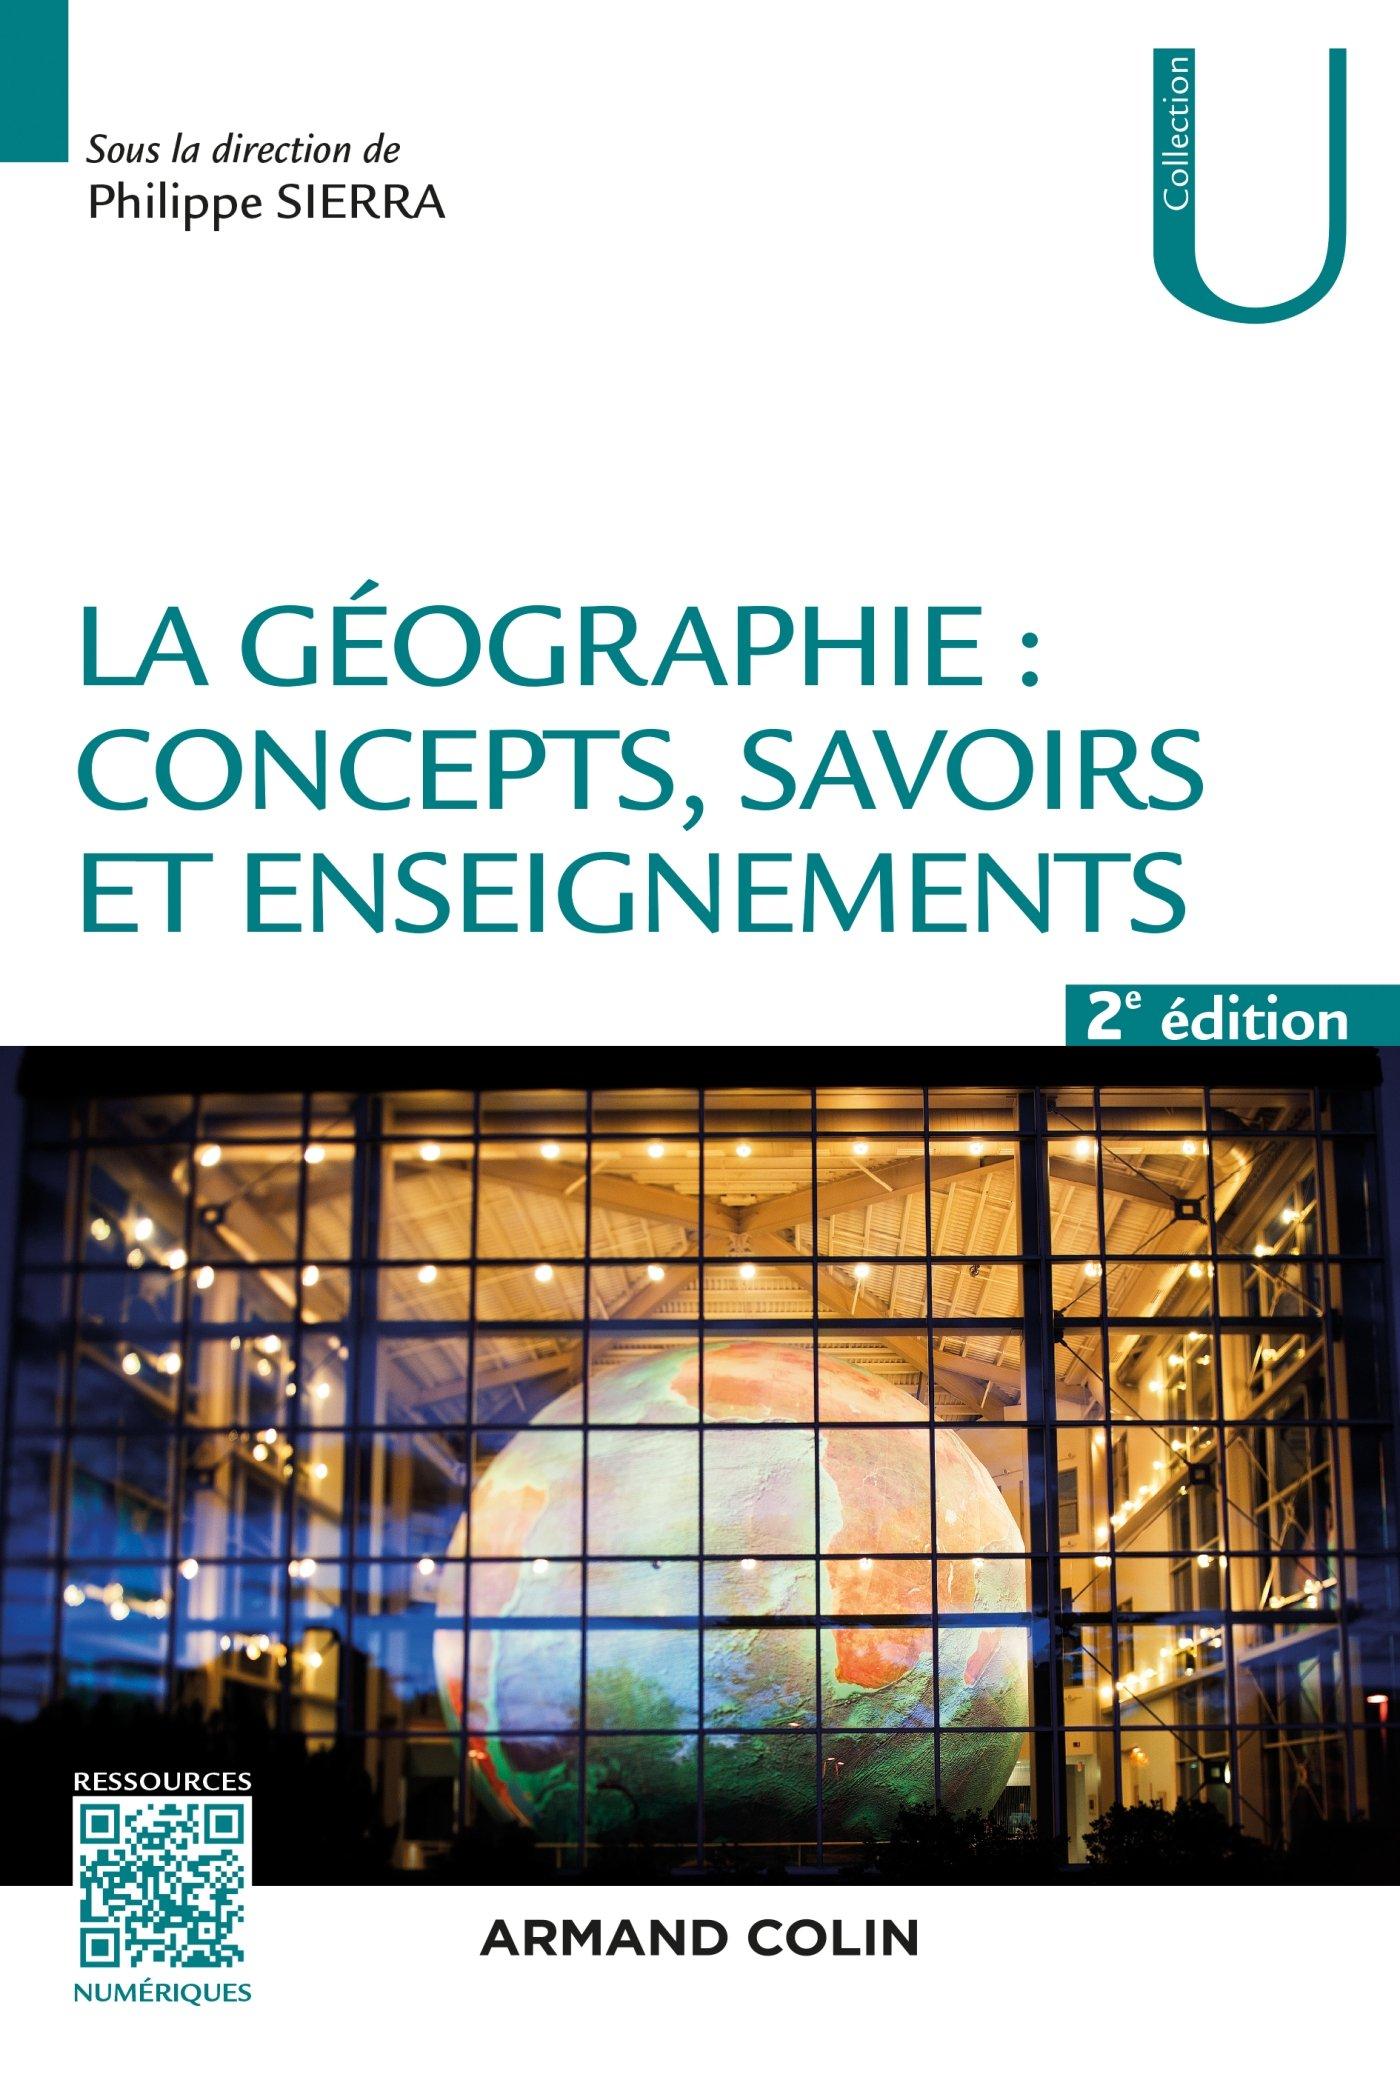 La géographie : concepts, savoirs et enseignements - 2 éd. Broché – 22 mars 2017 Philippe Sierra Armand Colin 2200613601